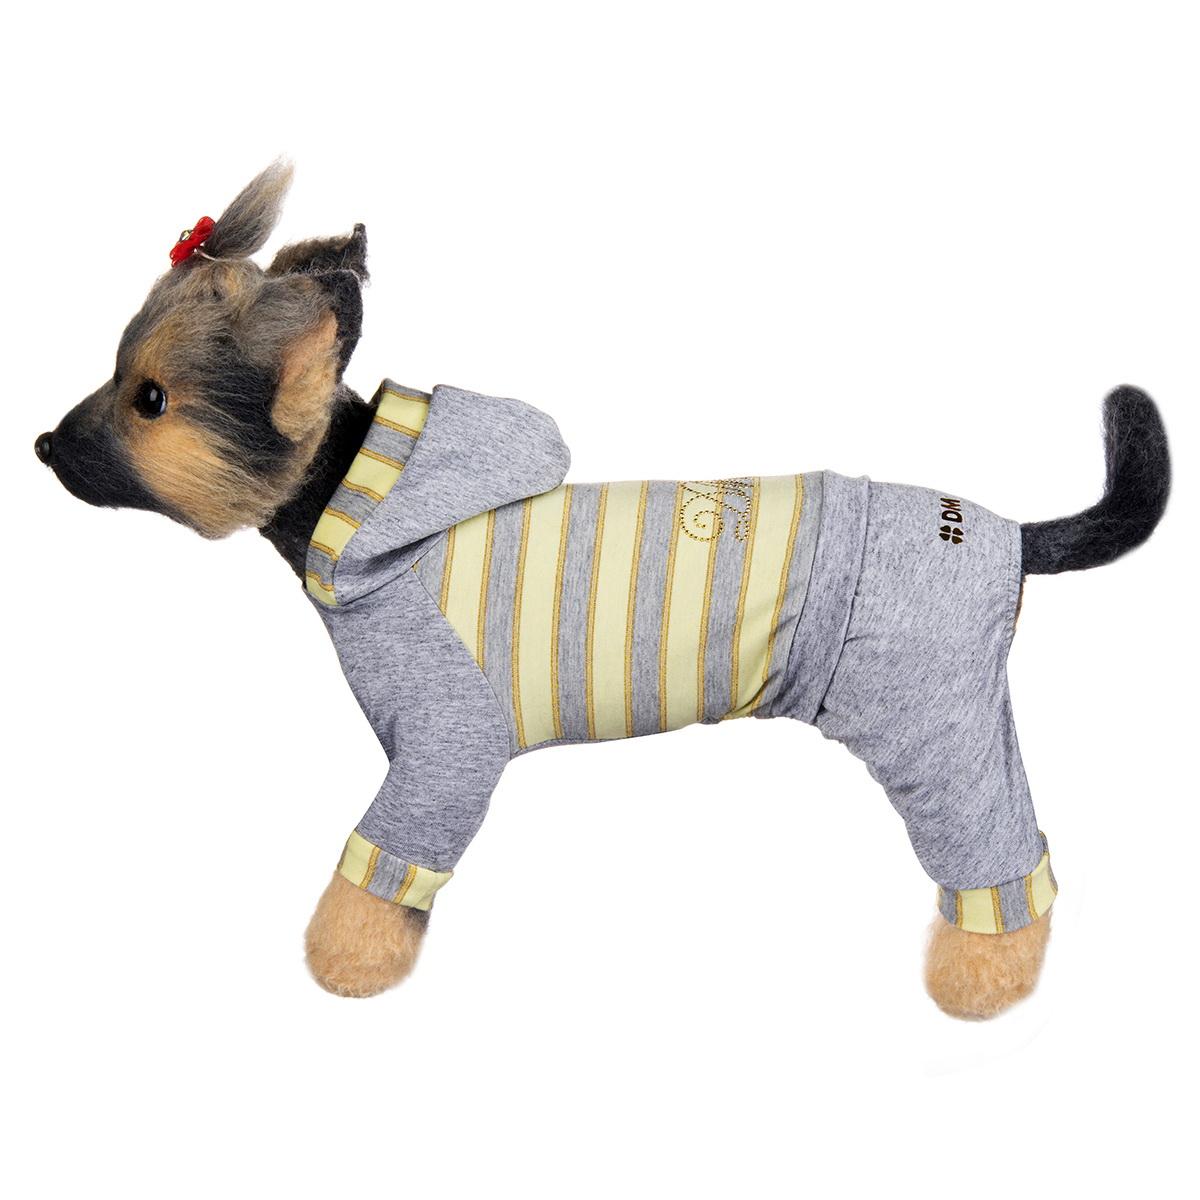 Комбинезон для собак Dogmoda Грей, унисекс, цвет: серый, желтый. Размер 4 (XL) комбинезон для собак dogmoda грин унисекс цвет зеленый синий белый размер 4 xl